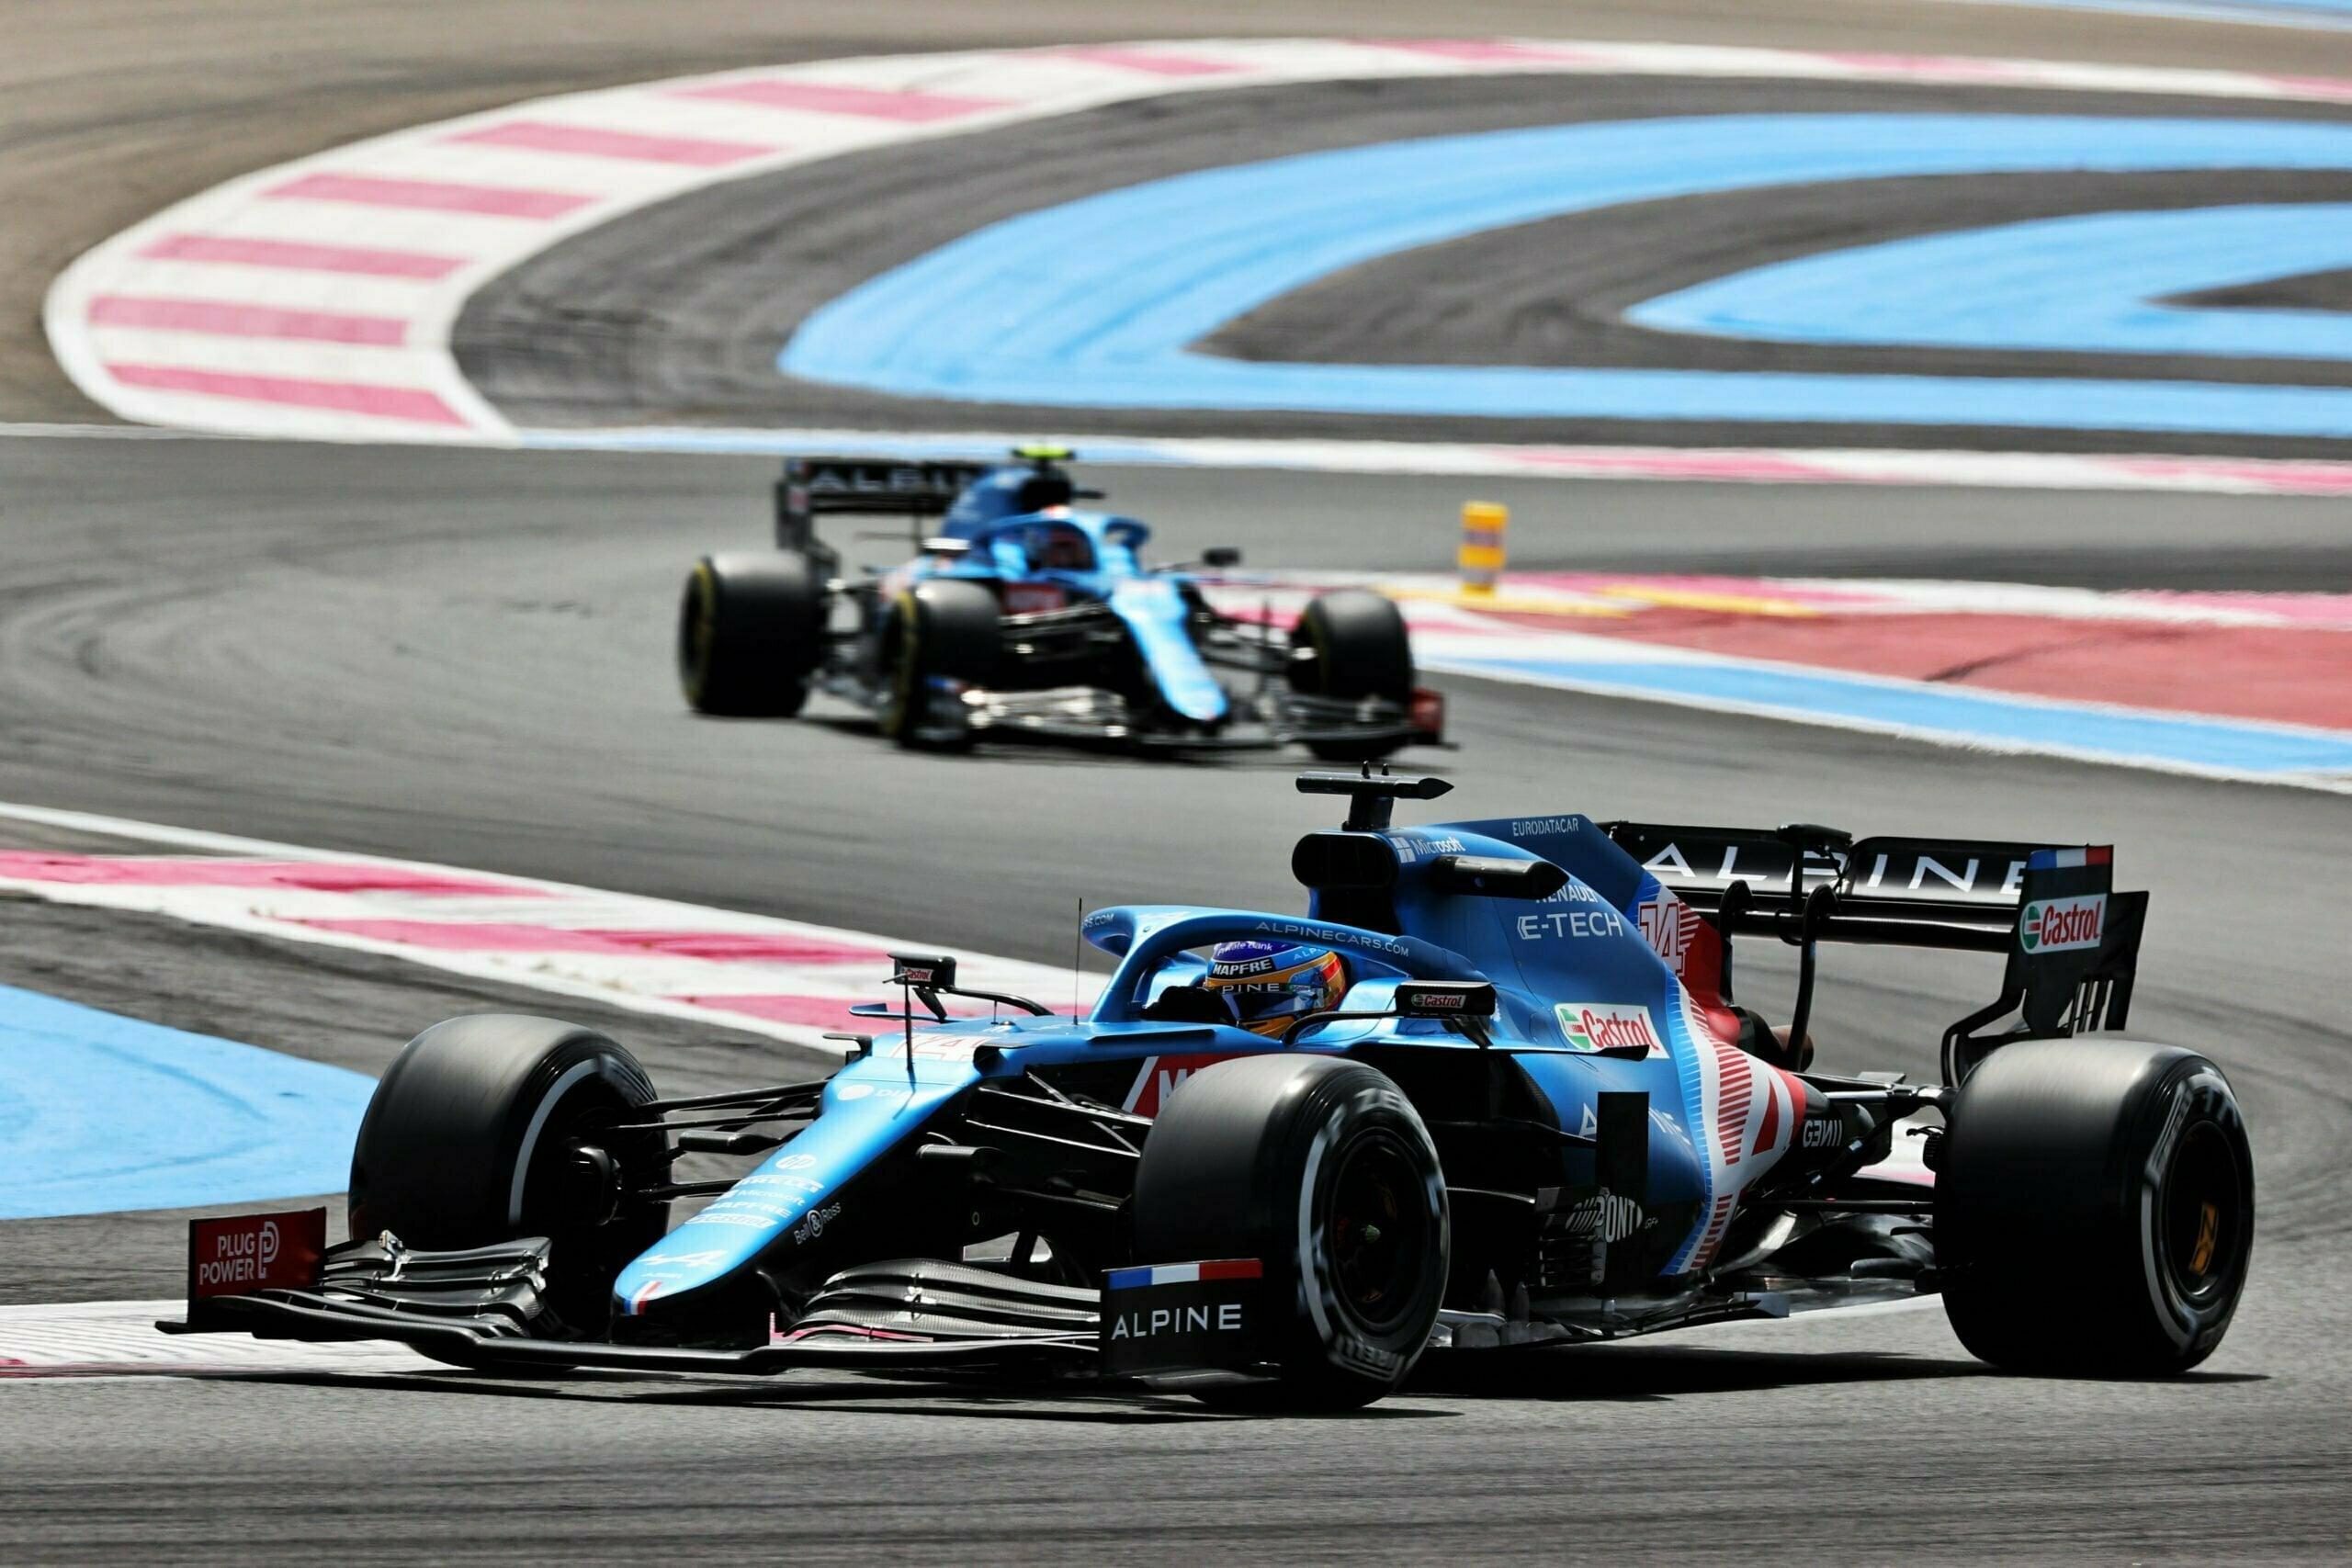 Alpine F1 Alonso Ocon A521 Castellet Paul Ricard 2021 14 scaled | Alpine F1 : des essais convaincants au Grand Prix Emirates de France